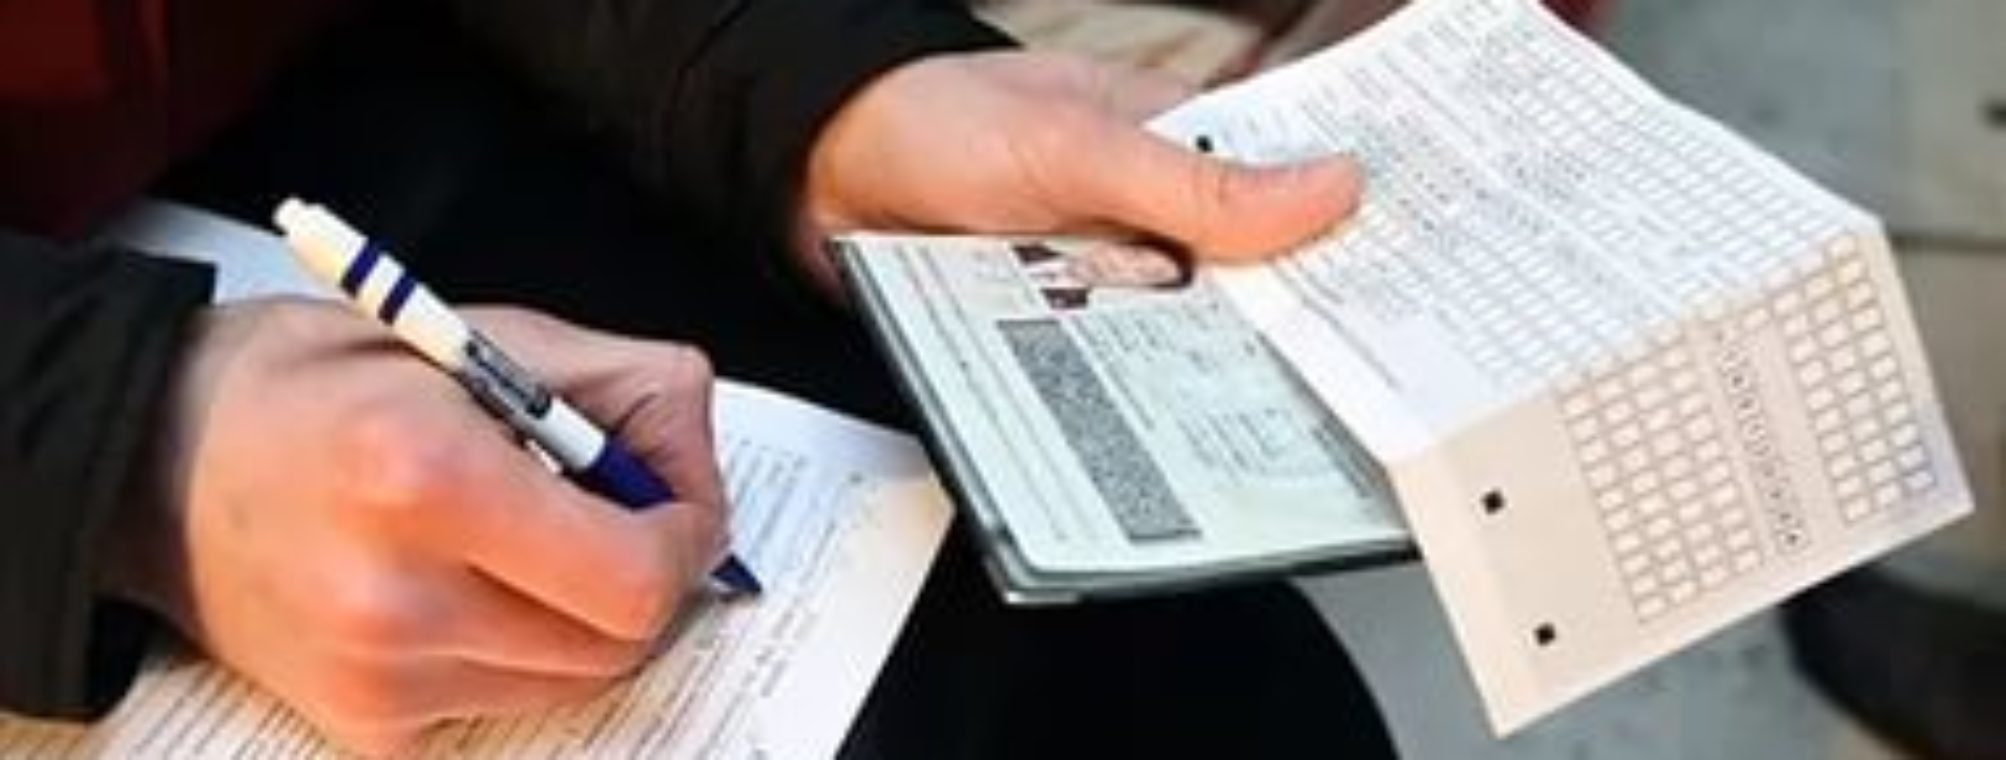 Размер минимальной пенсии в молдове в 2019